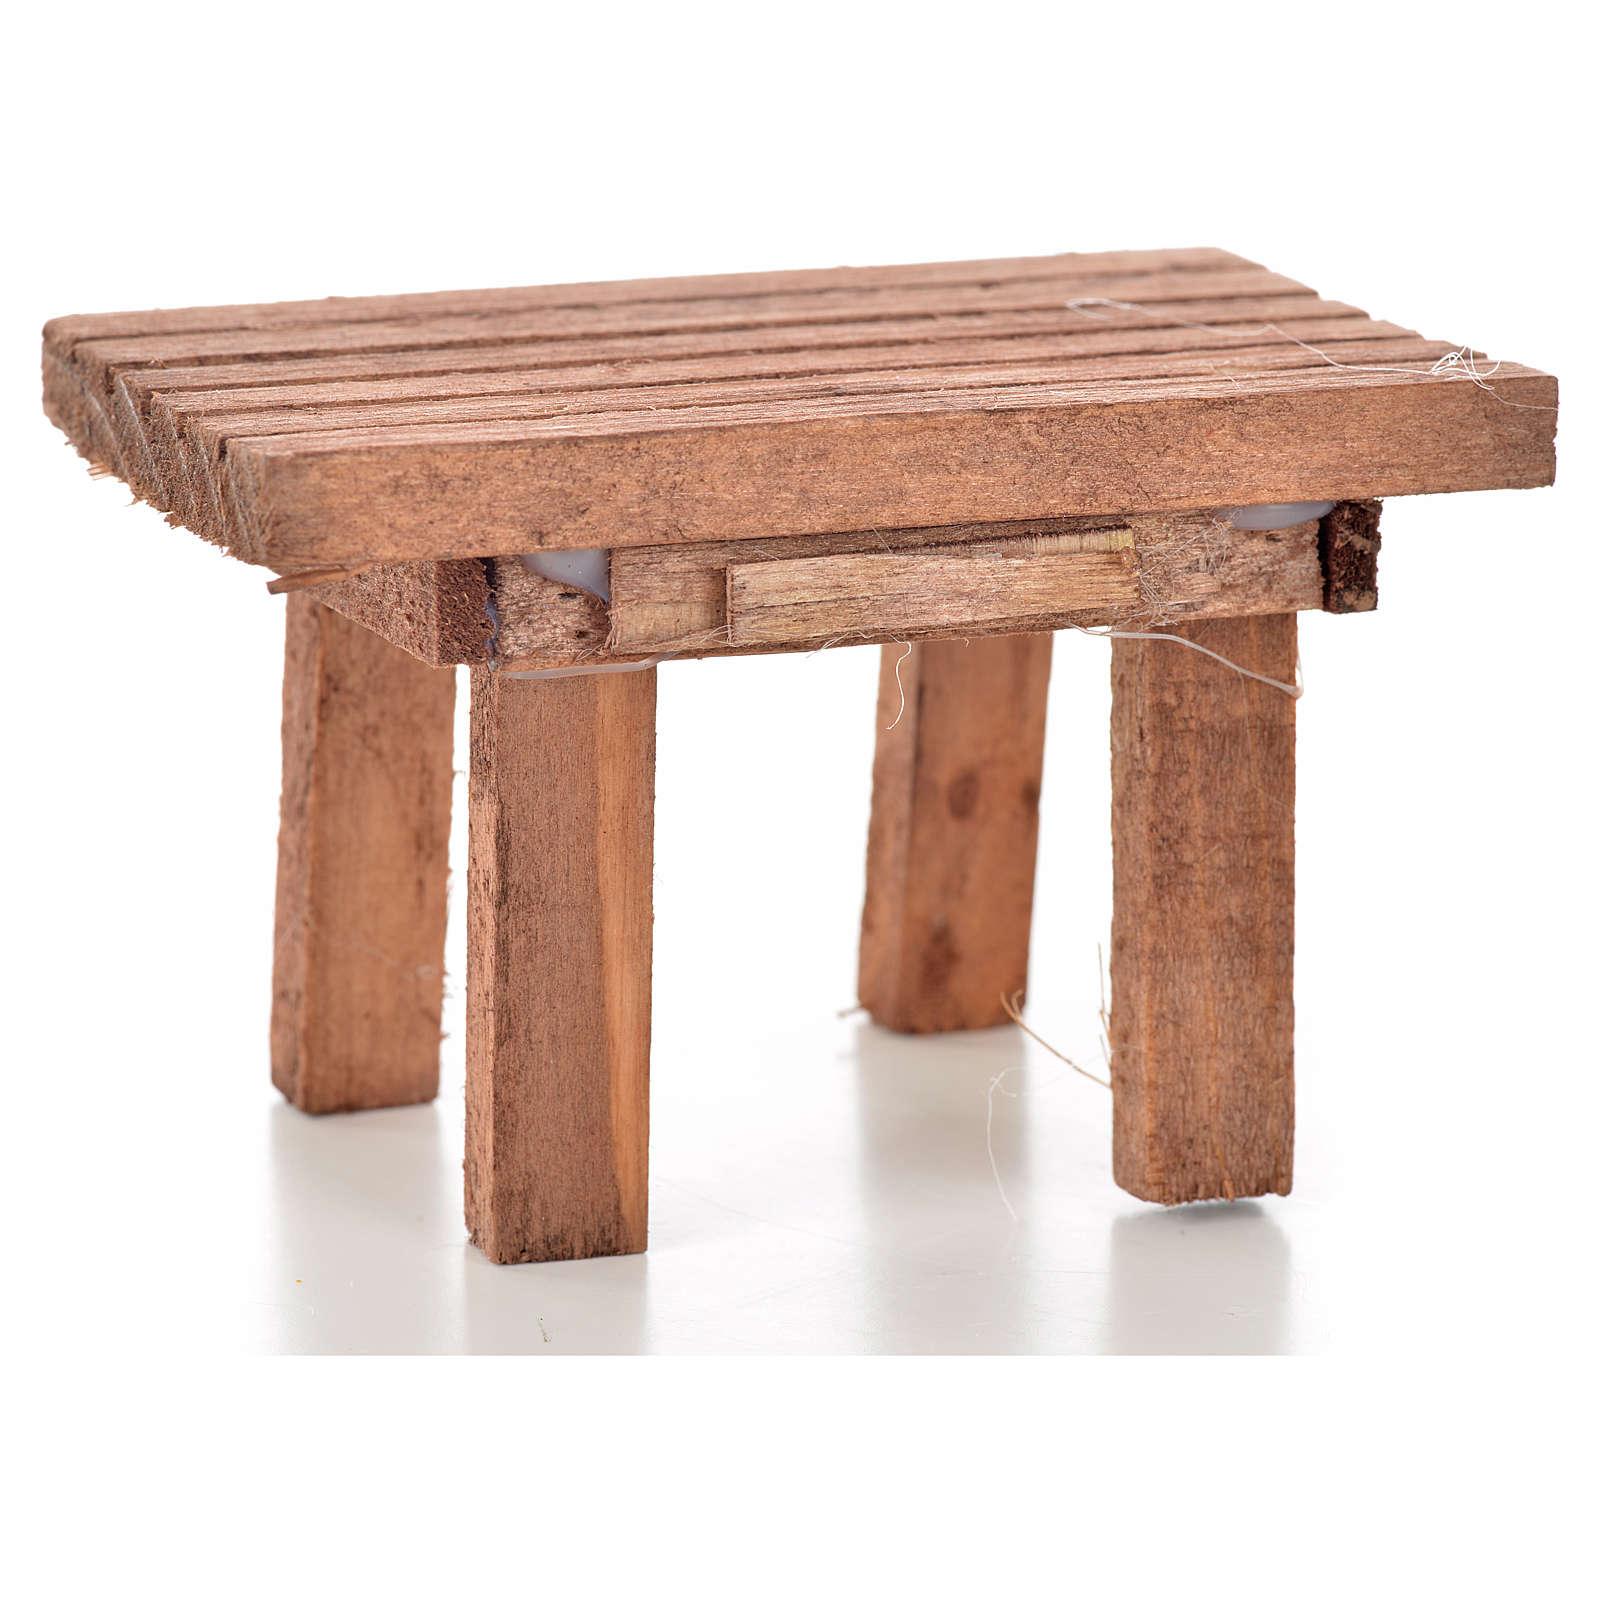 Stół drewniany 8.5x6x5.5 cm 4